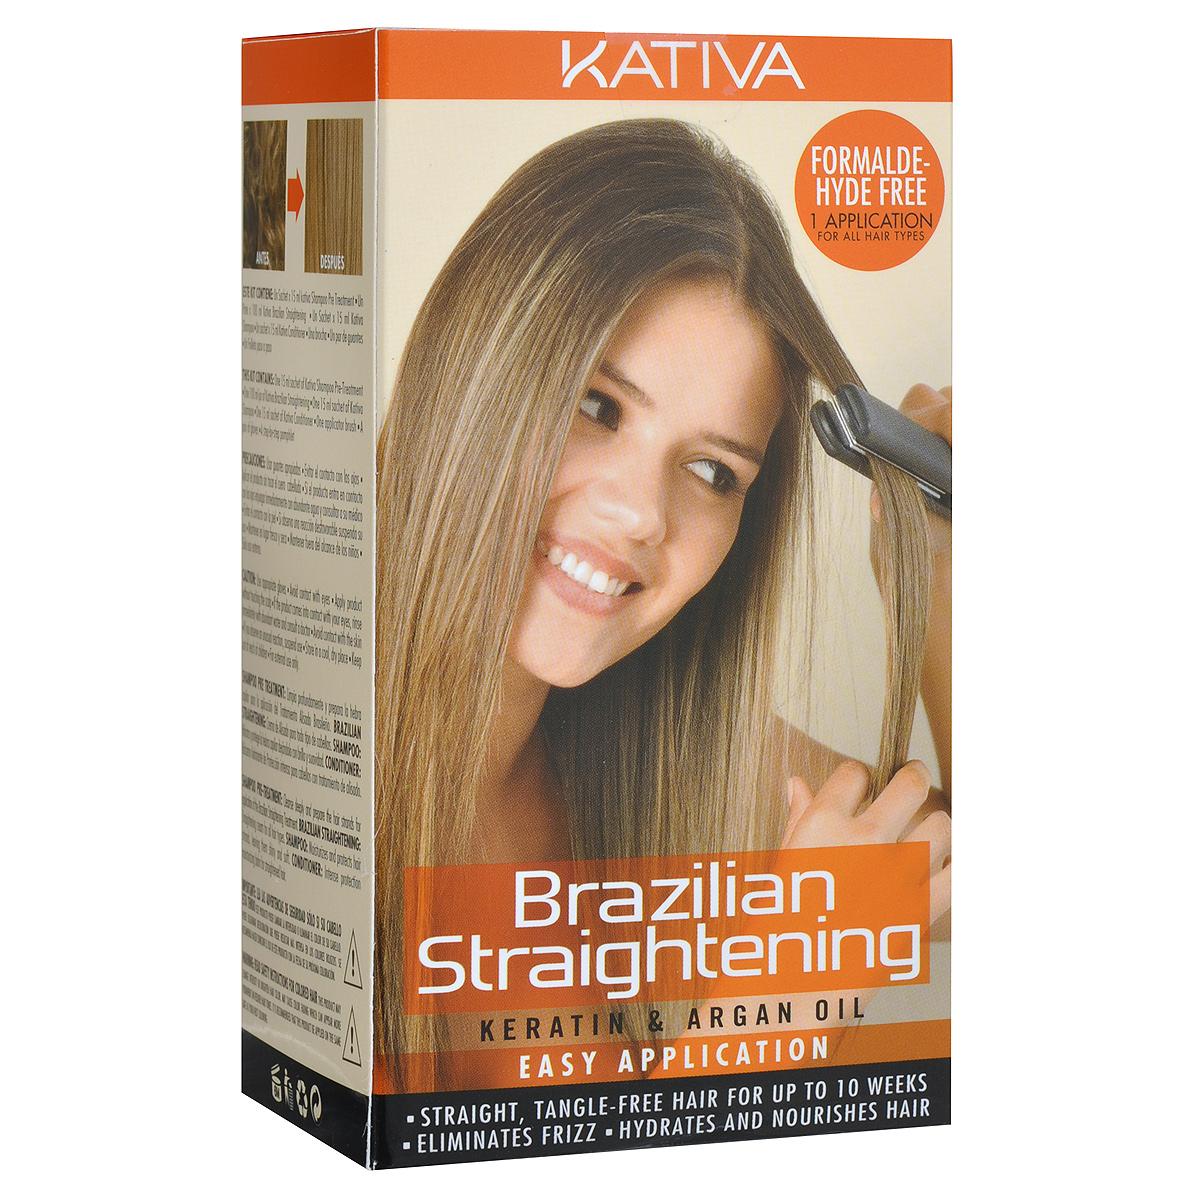 Kativa Набор для кератинового выпрямления и восстановления волос с маслом Арганы KERATINAБ33041_шампунь-барбарис и липа, скраб -черная смородинаНабор для бразильского выпрямления волос Kativa включает в себя шампунь для подготовки волос к кератиновому выпрямлению, средство для кератинового выпрямления и восстановления волос с маслом арганы, укрепляющий шампунь с кератином и укрепляющий бальзам-кондиционер с кератином для всех типов волос.Эксклюзивная формула способствует питанию, восстановлению, увлажнению волос, дарит им сияющий блеск, который не останется незамеченным. Система идеально выпрямляет волосы, убирая нежелательный объем и пушистость, свойственную вьющимся волосам. Не содержит формальдегид.Объем шампуня для подготовки волос: 15 мл.Объем средства для выпрямления волос: 100 мл.Объем укрепляющего шампуня: 15 мл.Объем укрепляющего бальзама-кондиционера: 15 мл.Специалисты Kativa рекомендуют использовать систему в день процедуры окрашивания волос.Товар сертифицирован.